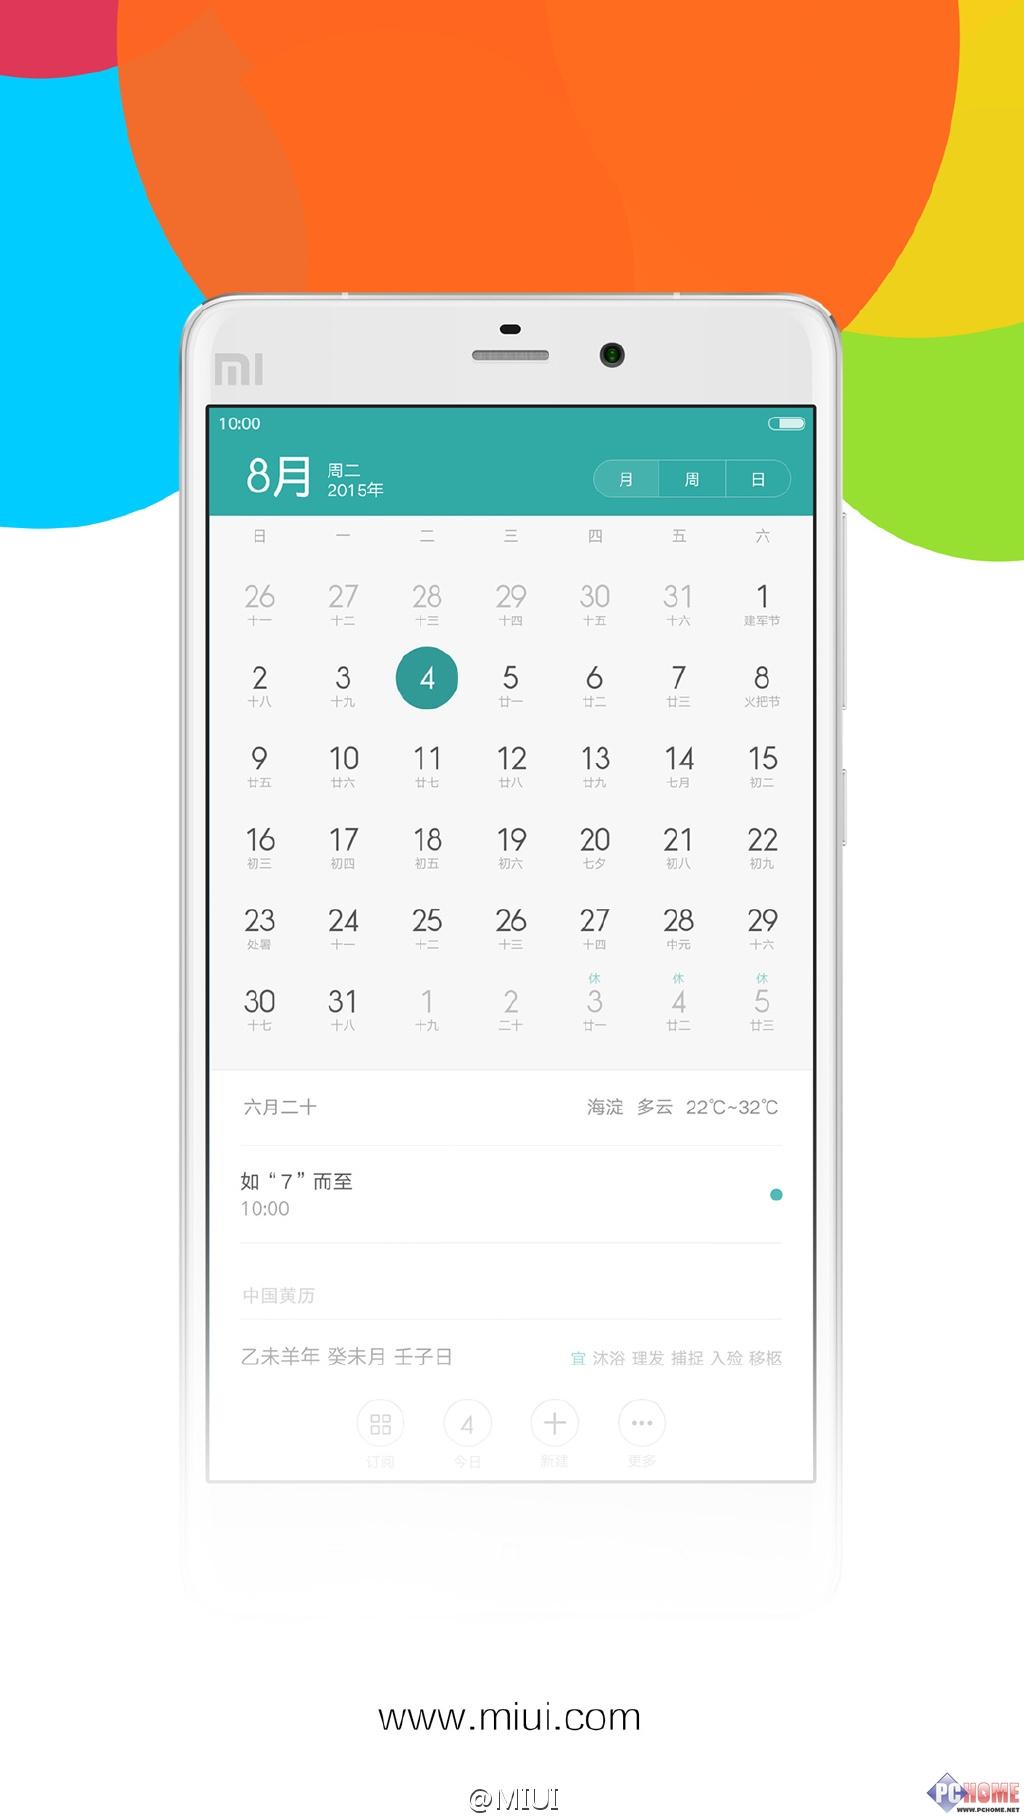 小米官方曝料 MIUI 7今日10点公布?